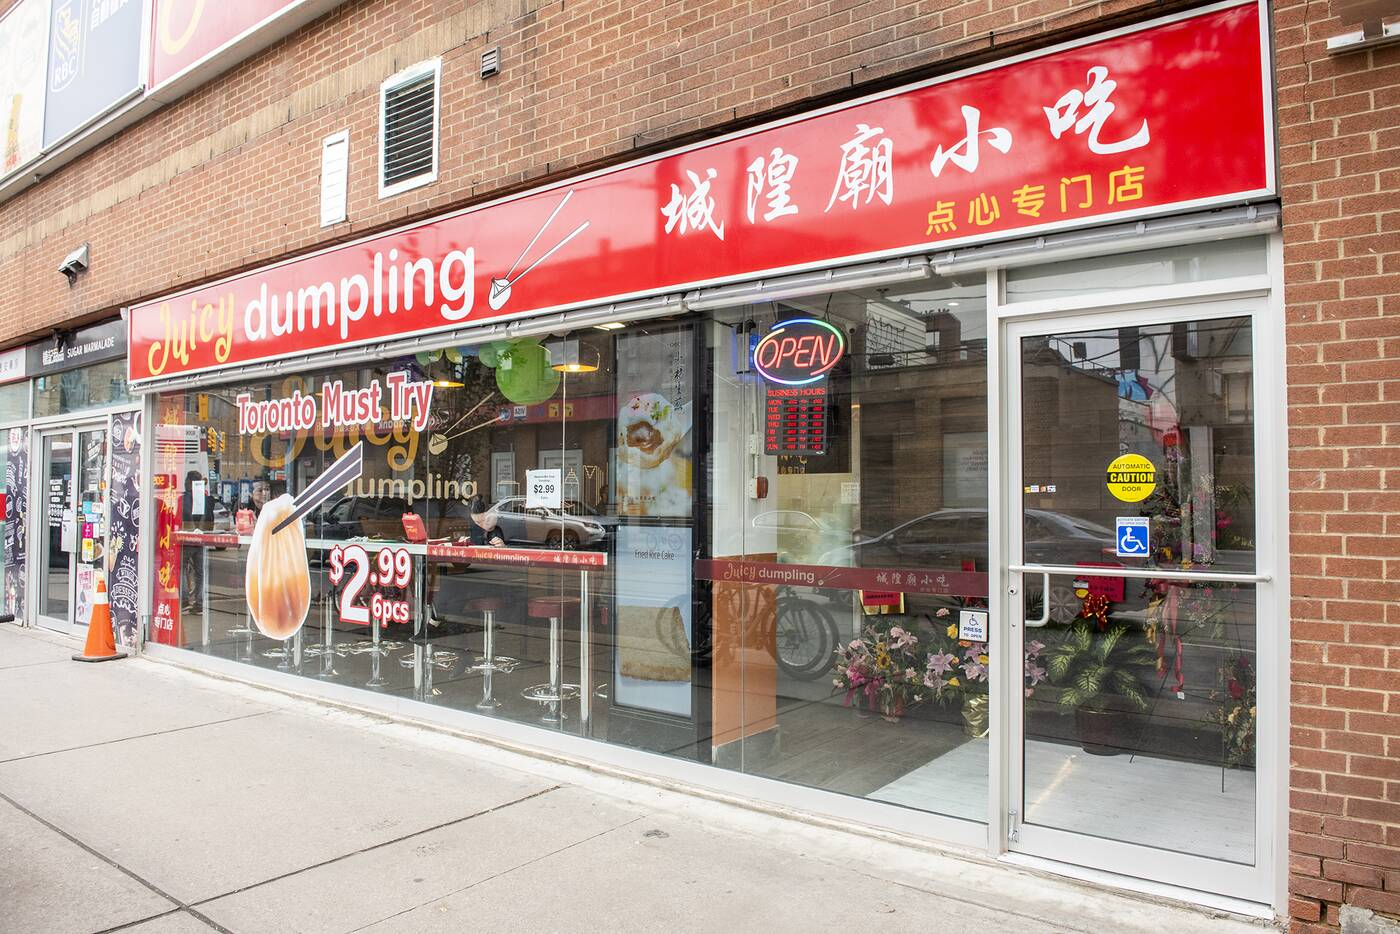 juicy dumpling toronto